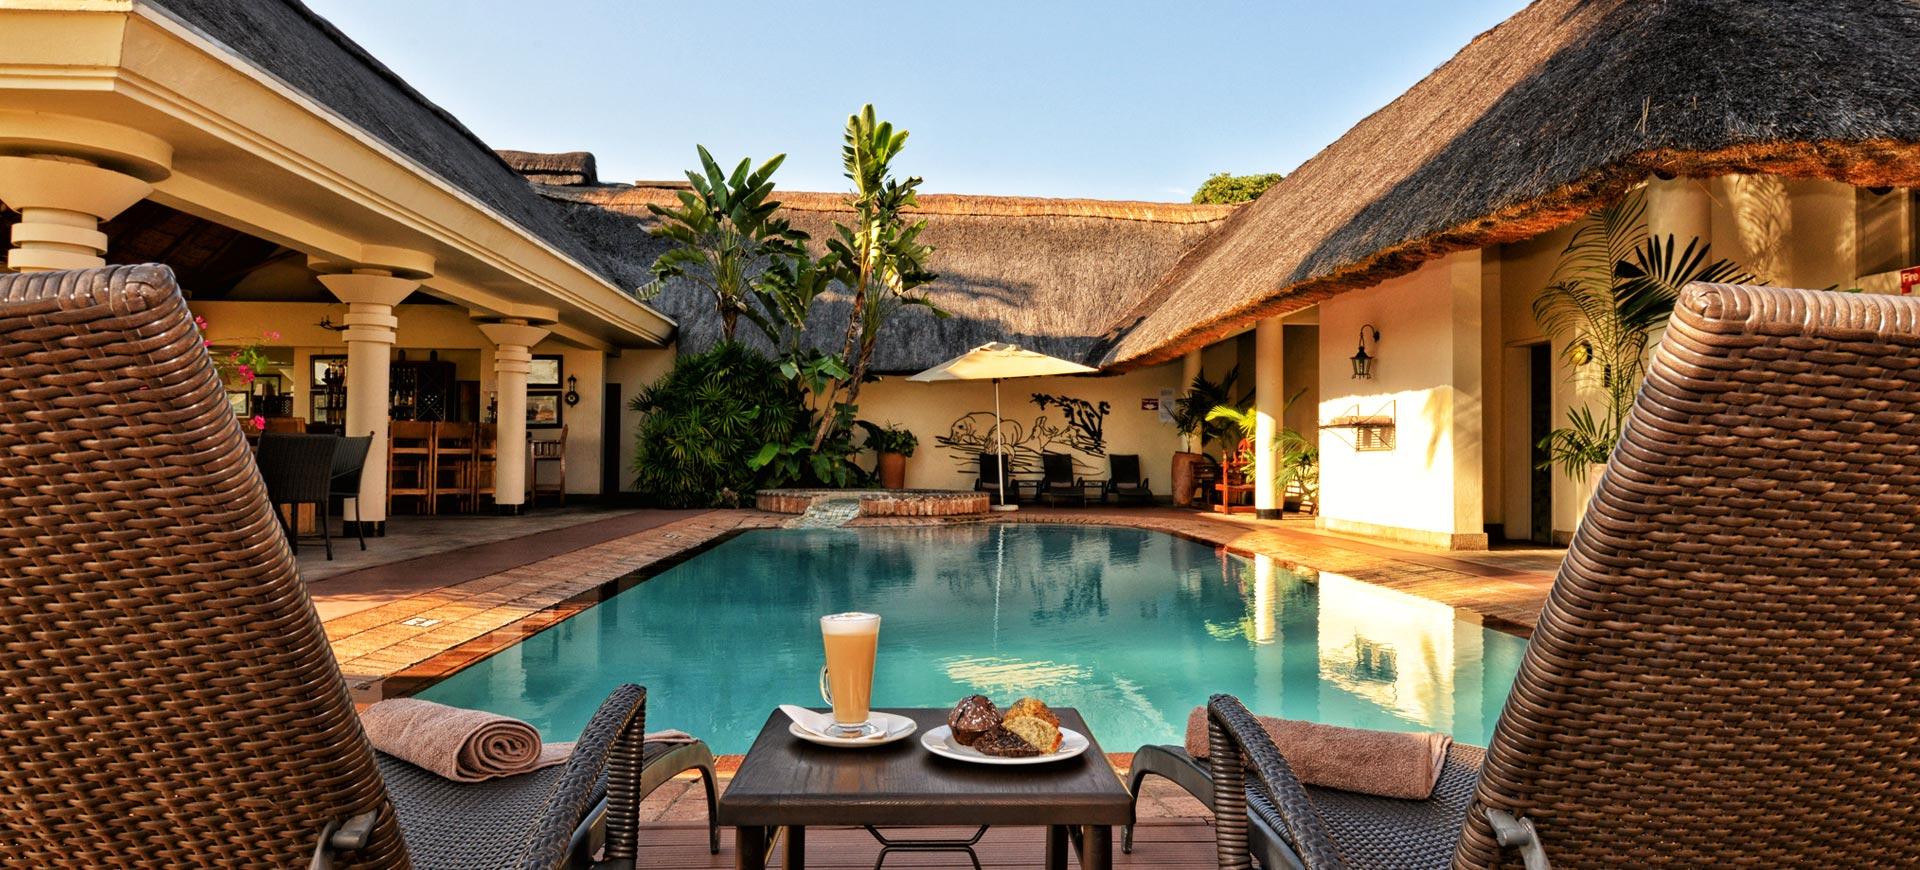 Ilala Lodge Swimming Pool